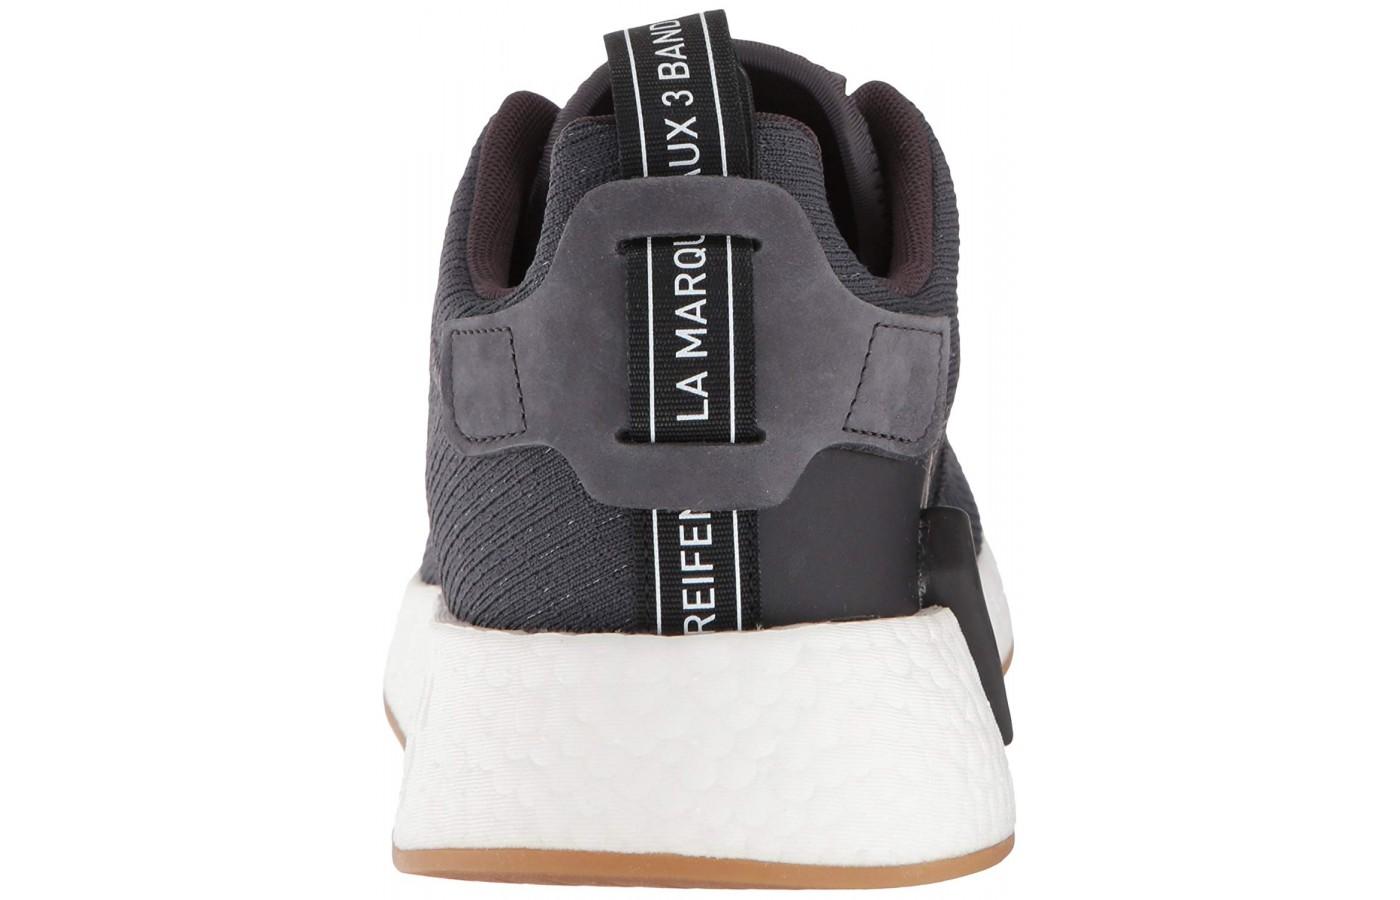 Adidas NMD_R2 heel